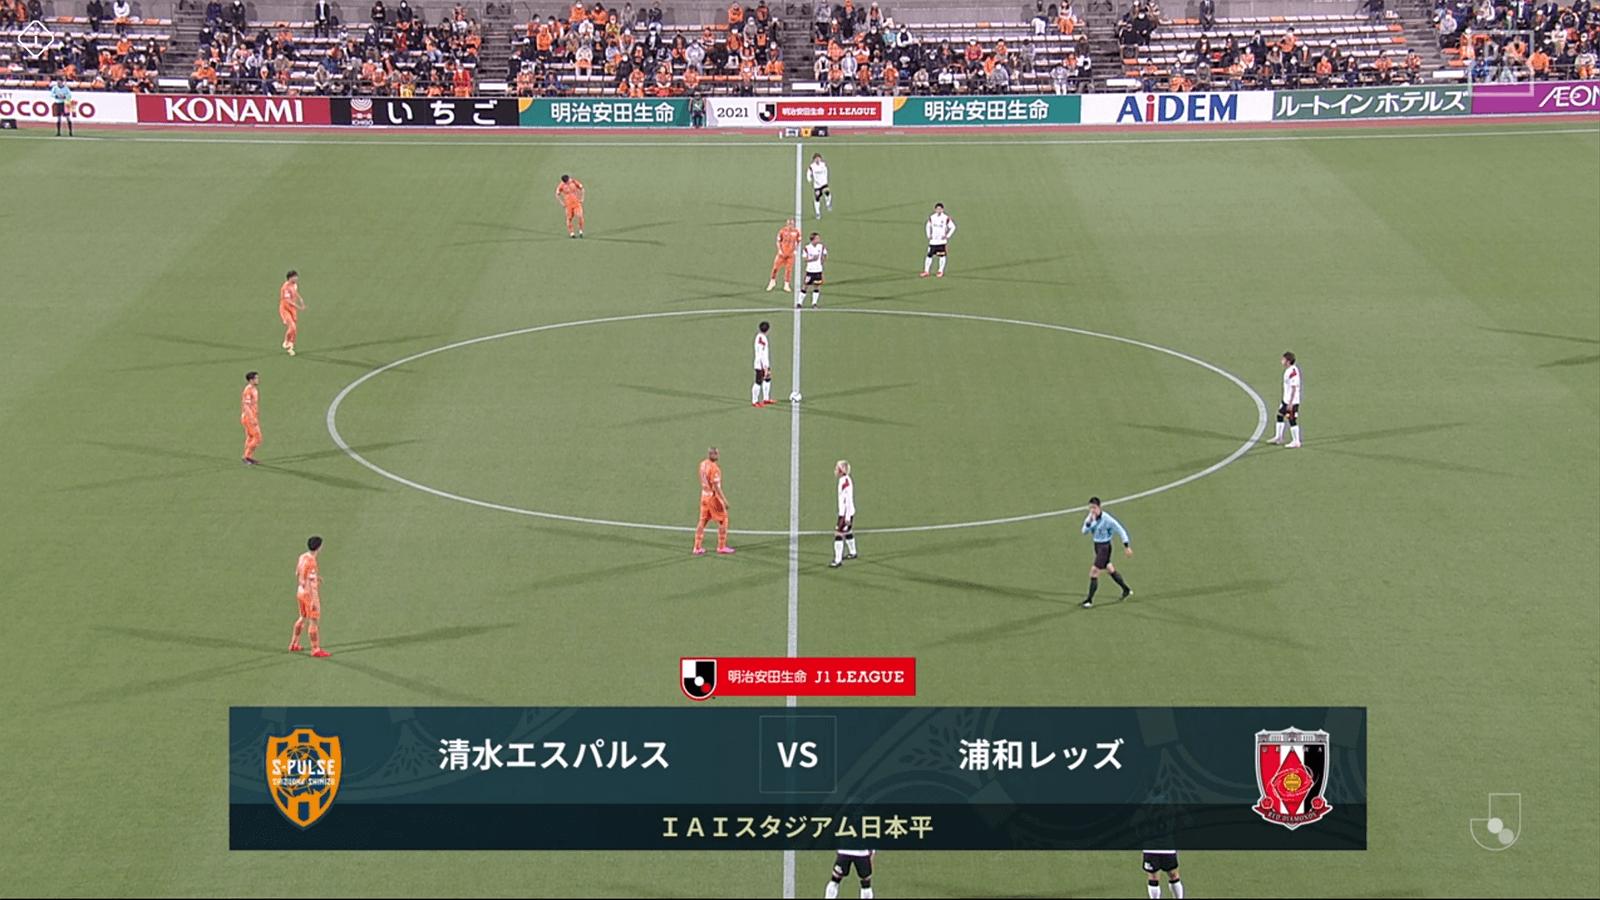 2021 Jリーグ 第8節 IAIスタジアム日本平 アウェー 清水エスパルス戦